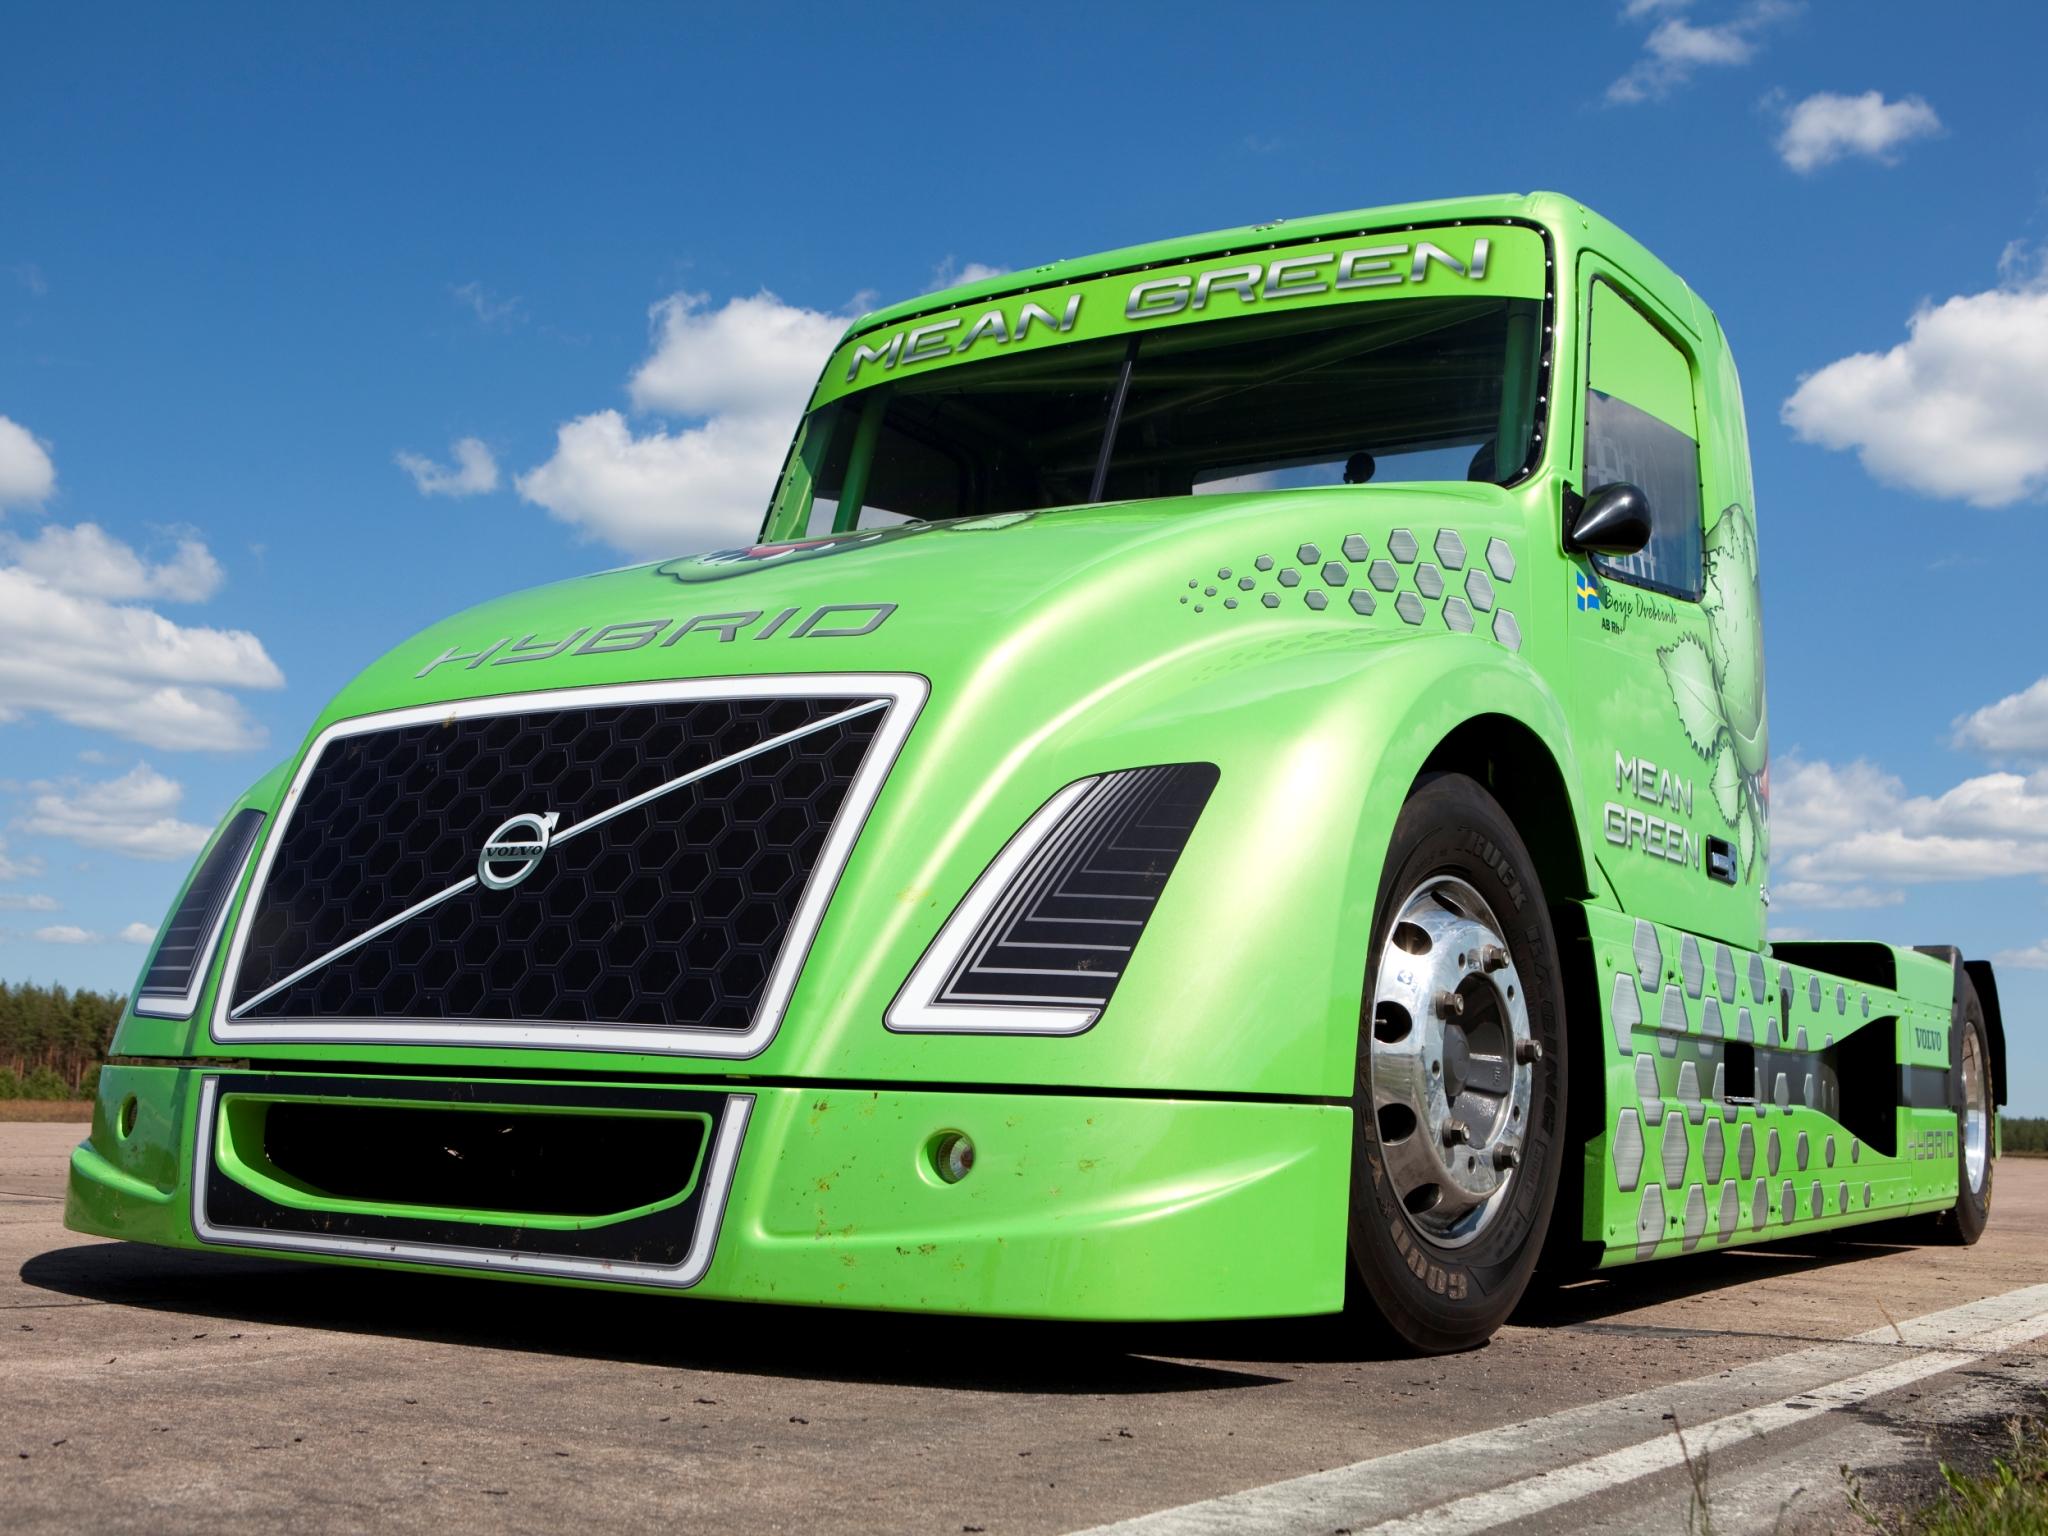 2010 volvo vnl mean green hybrid truck semi tractor rig rigs g wallpaper 2048x1536 120308 - Volvo vnl wallpaper ...